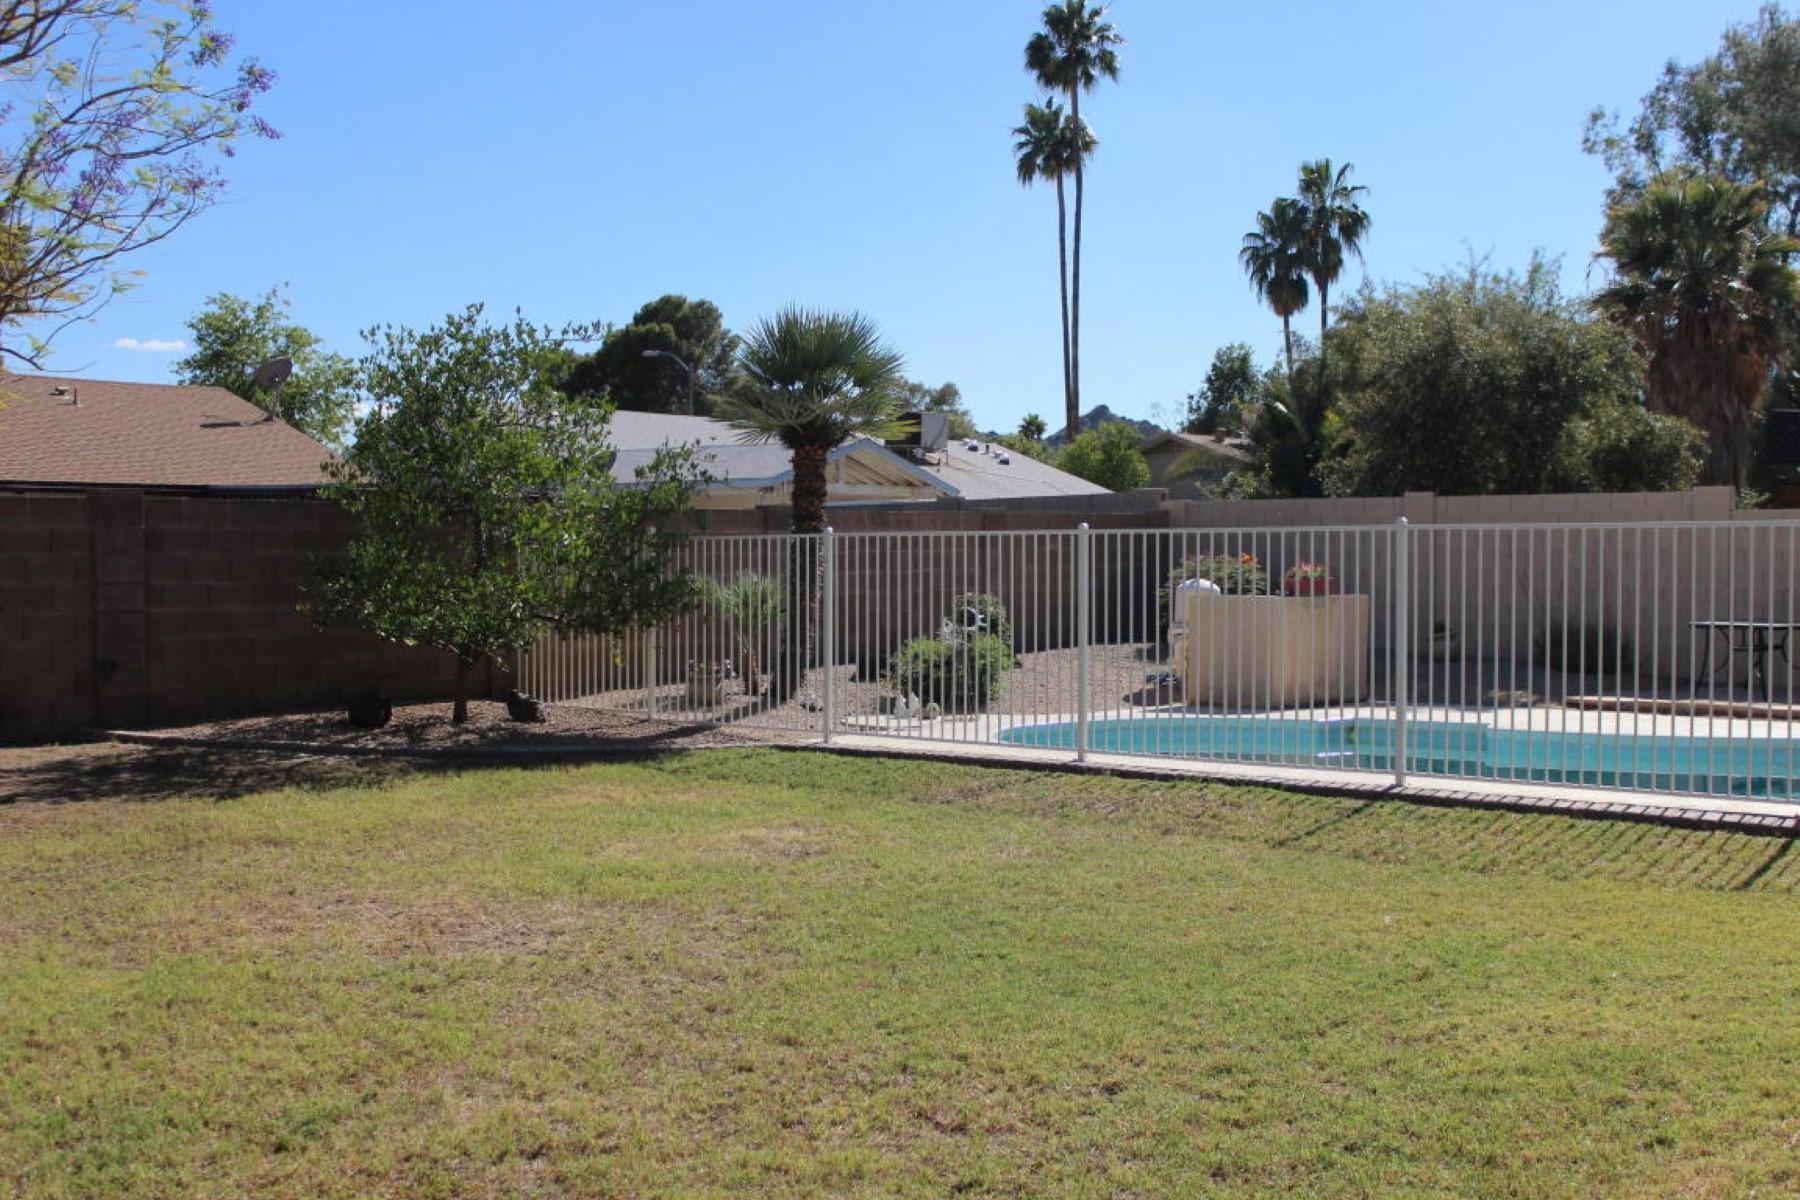 Villa per Vendita alle ore Charming, updated home near the Phoenix Mountain Preserve. 2647 E CHOLLA ST Phoenix, Arizona 85028 Stati Uniti